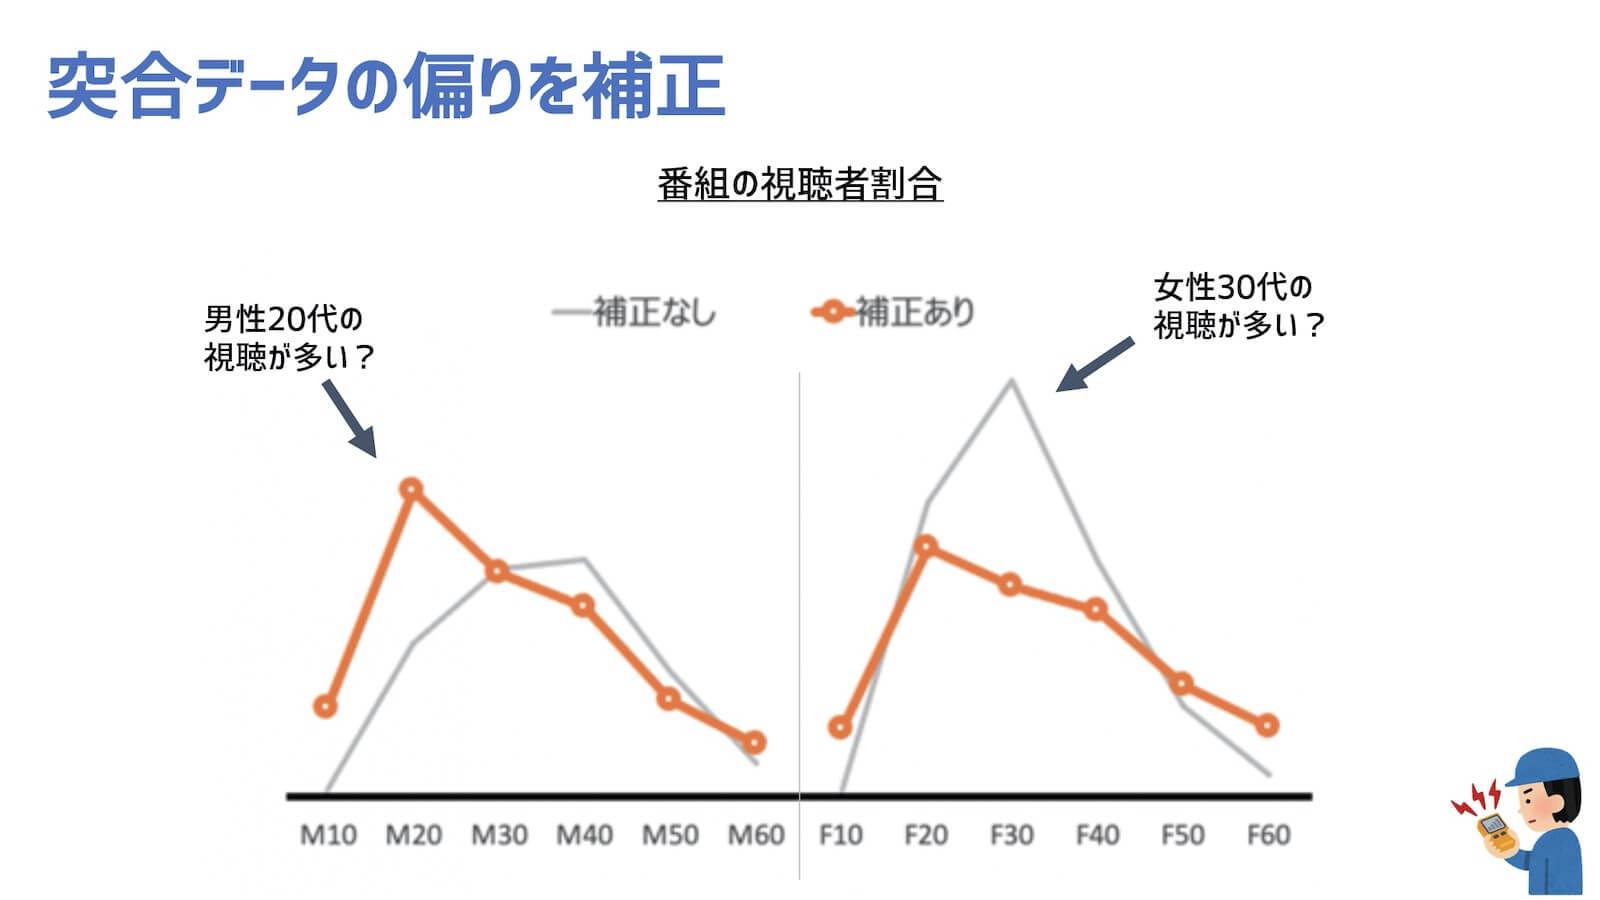 と都合データの偏りを補正 番組の視聴者割合図